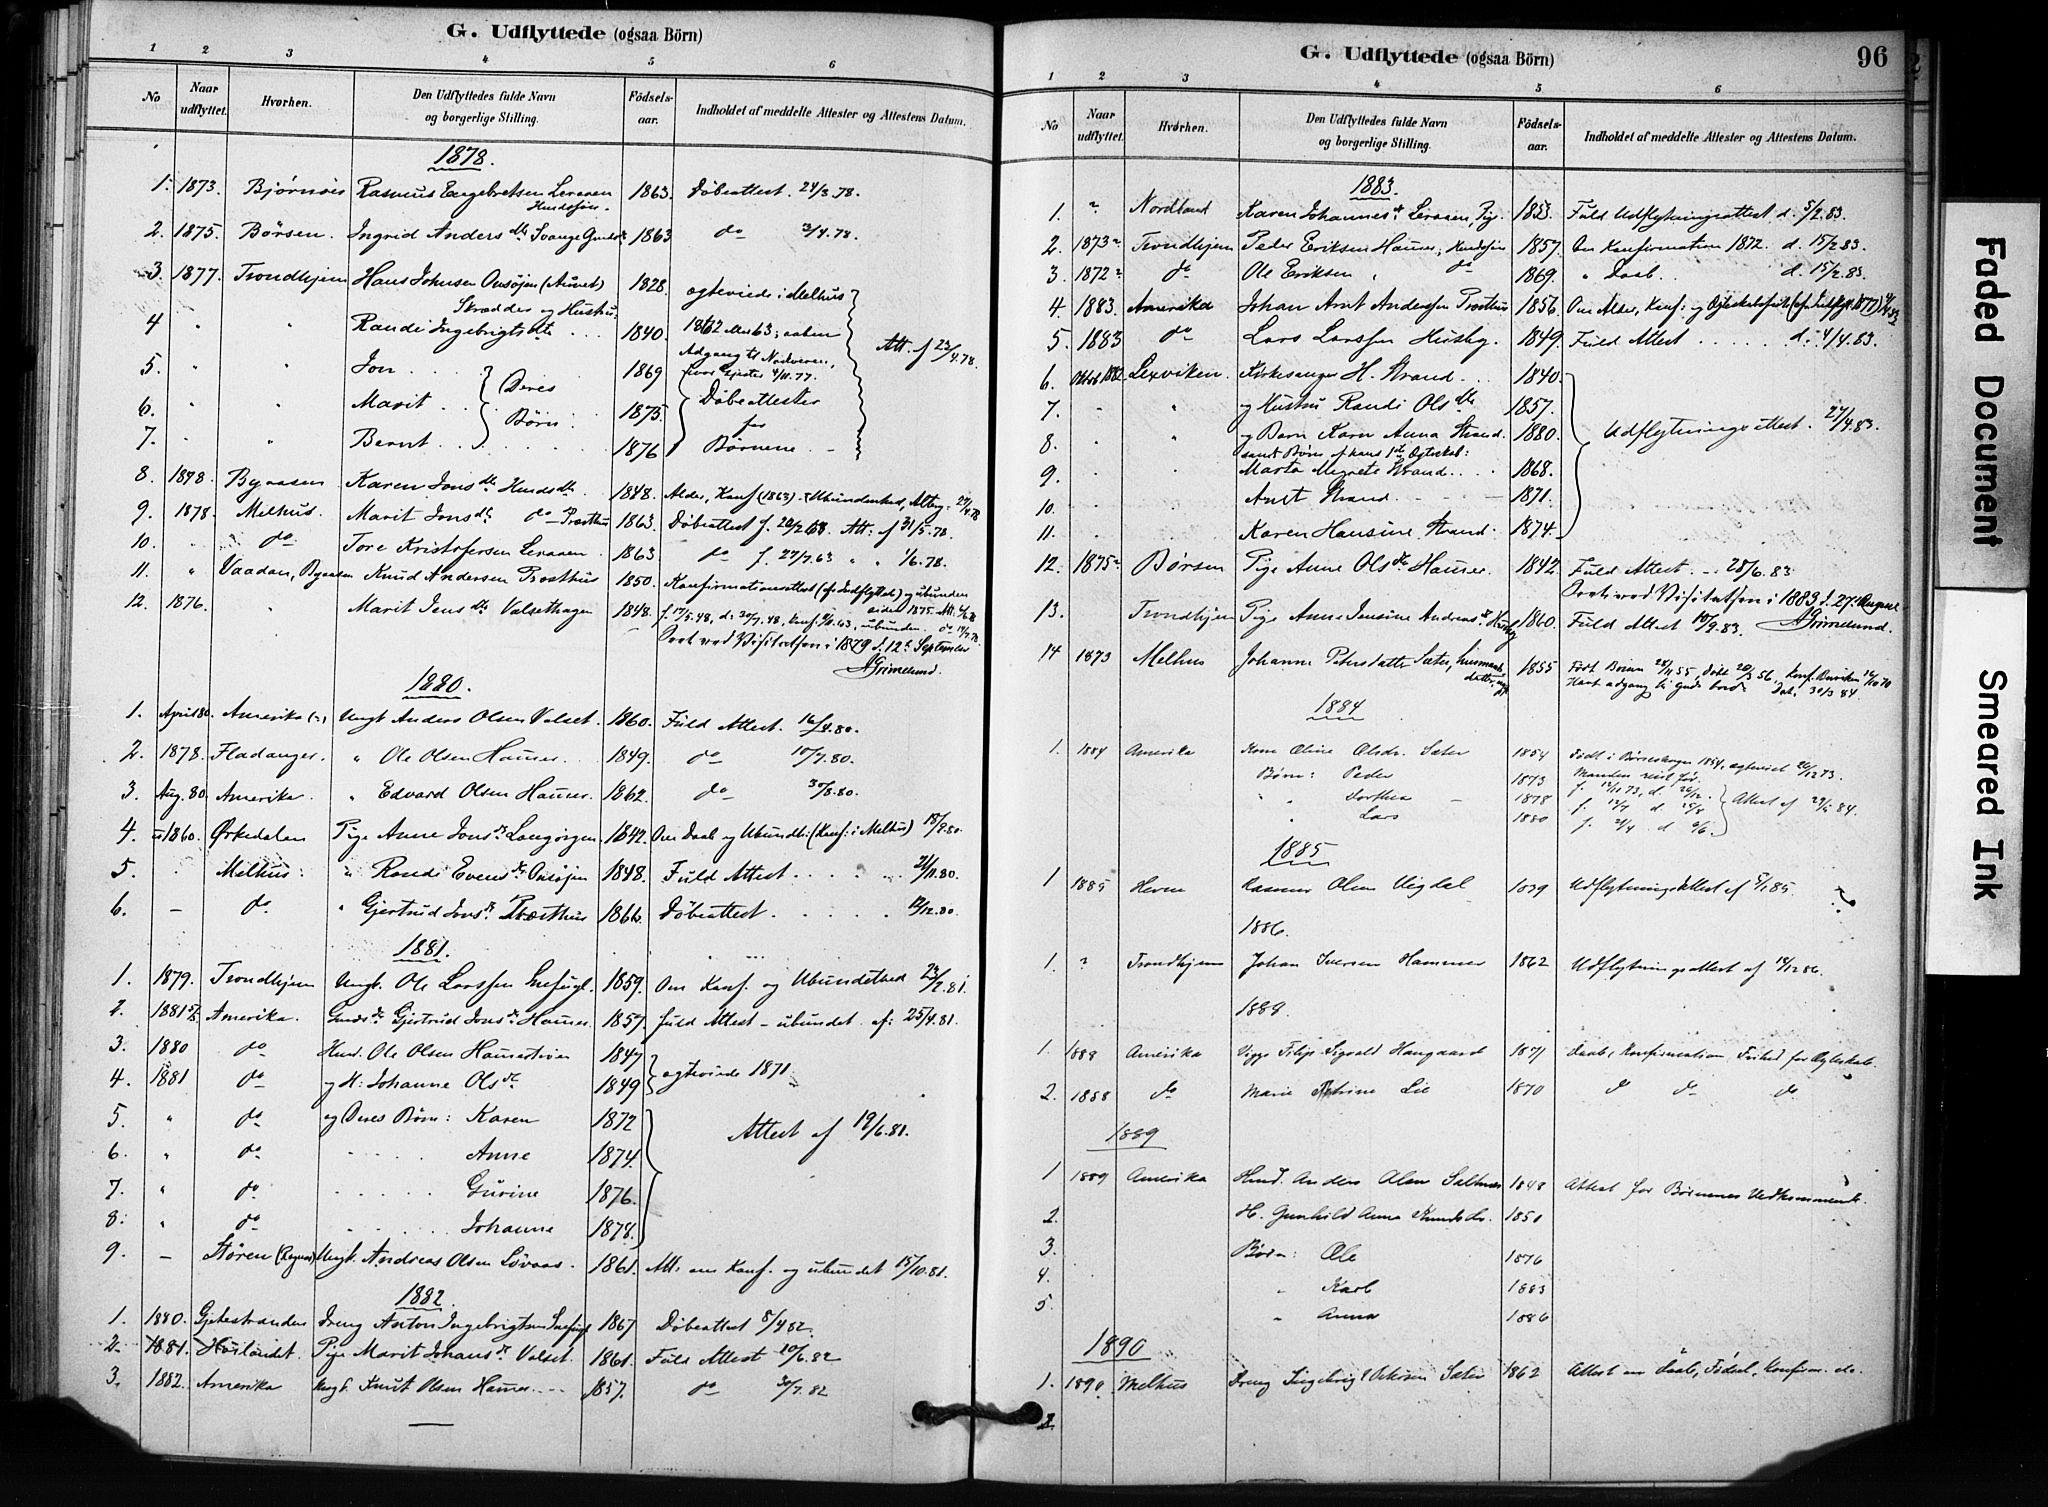 SAT, Ministerialprotokoller, klokkerbøker og fødselsregistre - Sør-Trøndelag, 666/L0786: Ministerialbok nr. 666A04, 1878-1895, s. 96